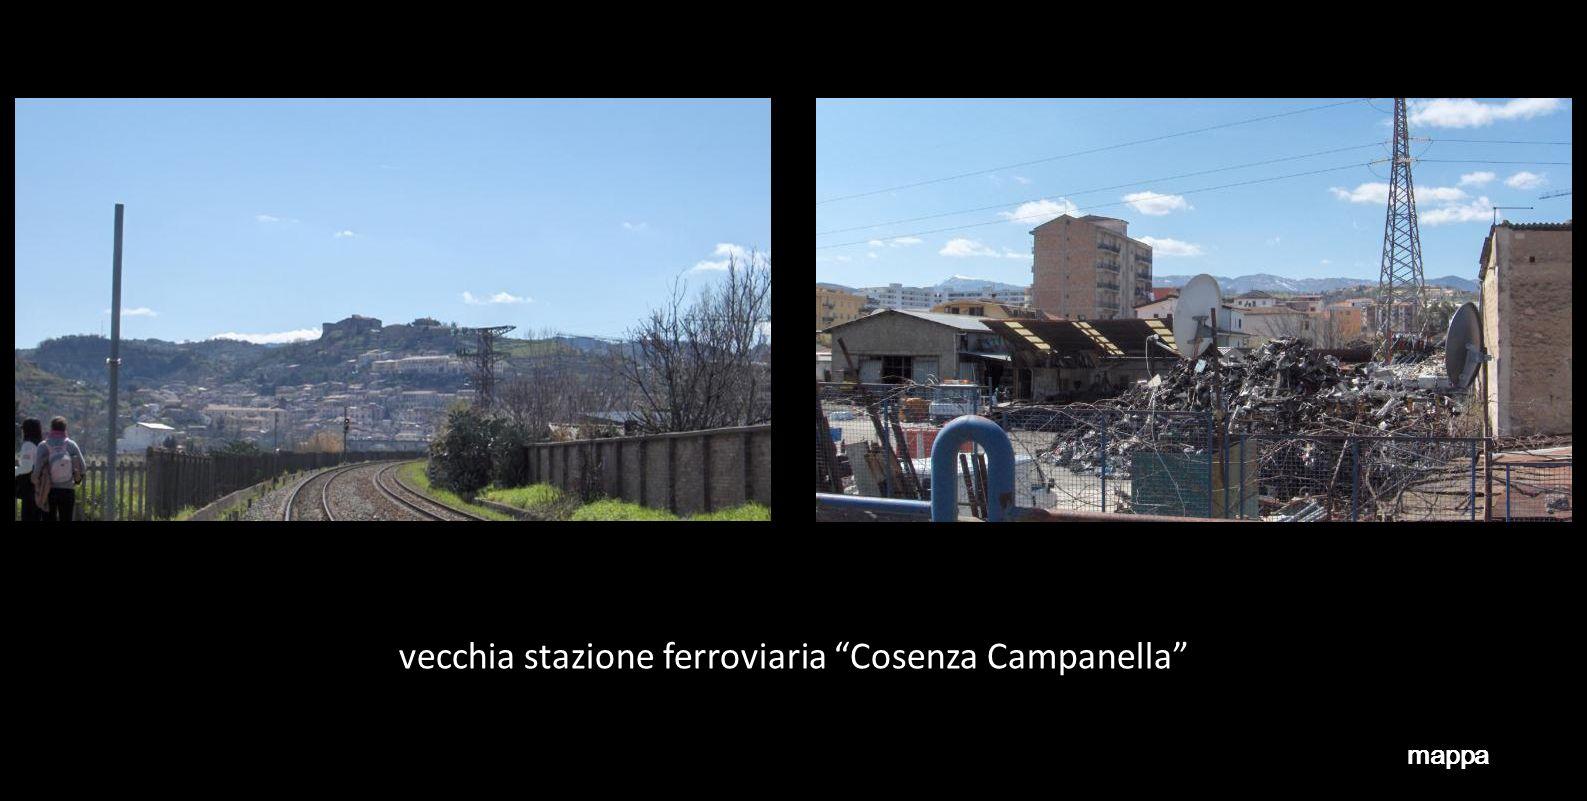 vecchia stazione ferroviaria Cosenza Campanella mappa